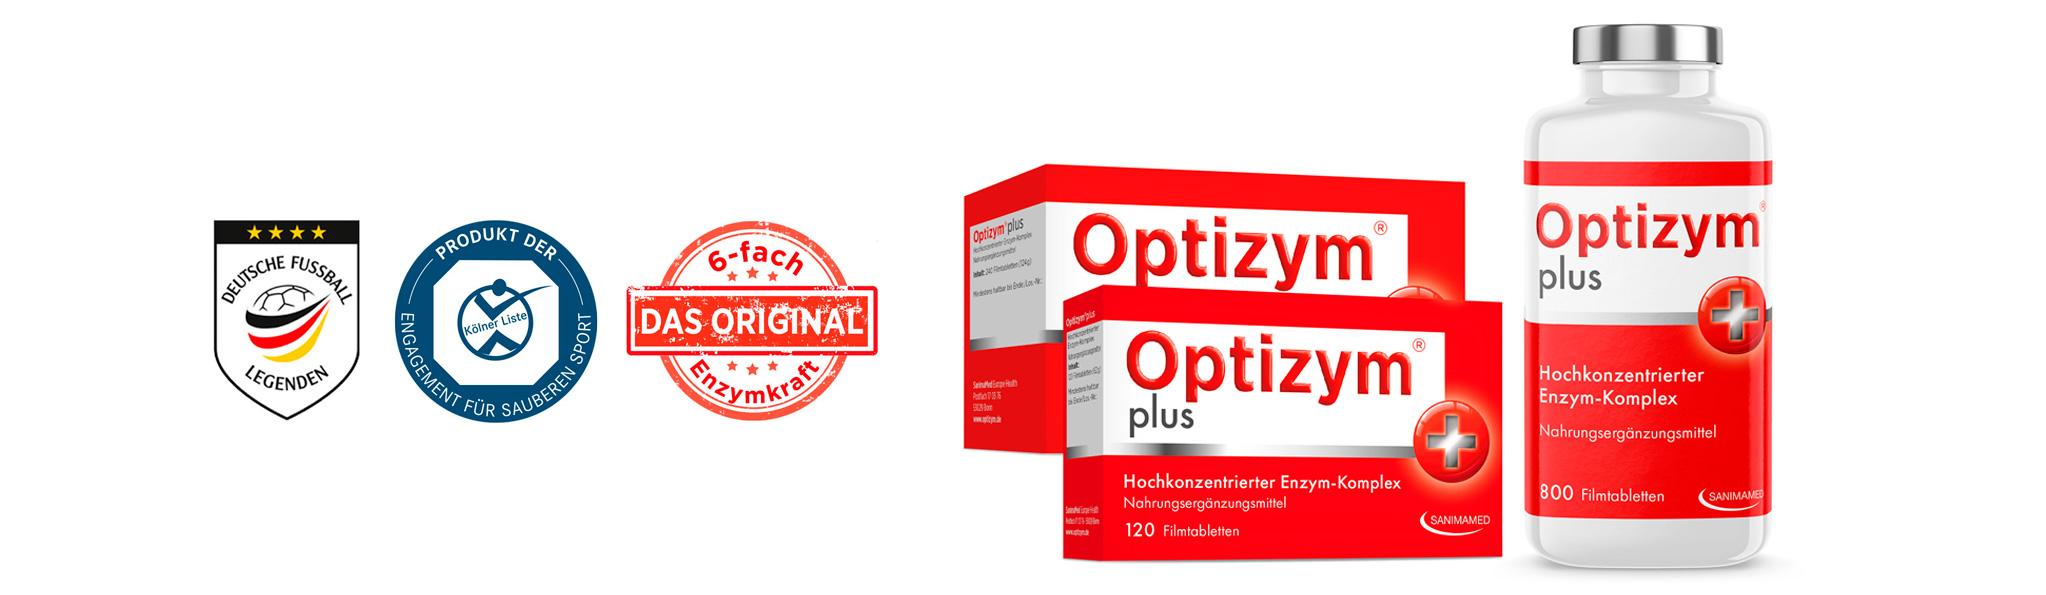 OPTIZYM-neuer-Partner-bei-Deutsche-Fussball-Legenden